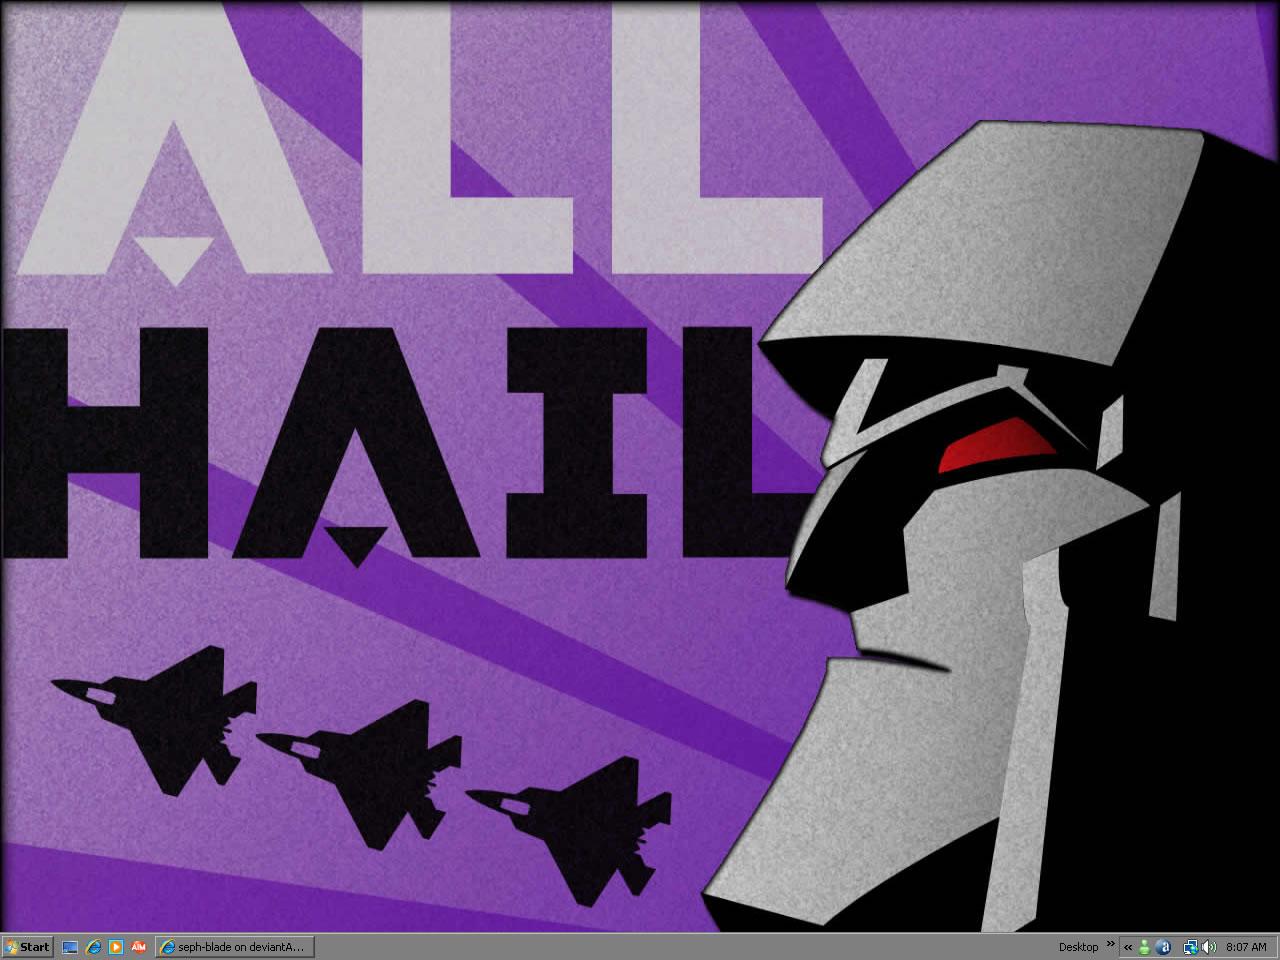 All_Hail_Megatron_by_seph_blade.jpg